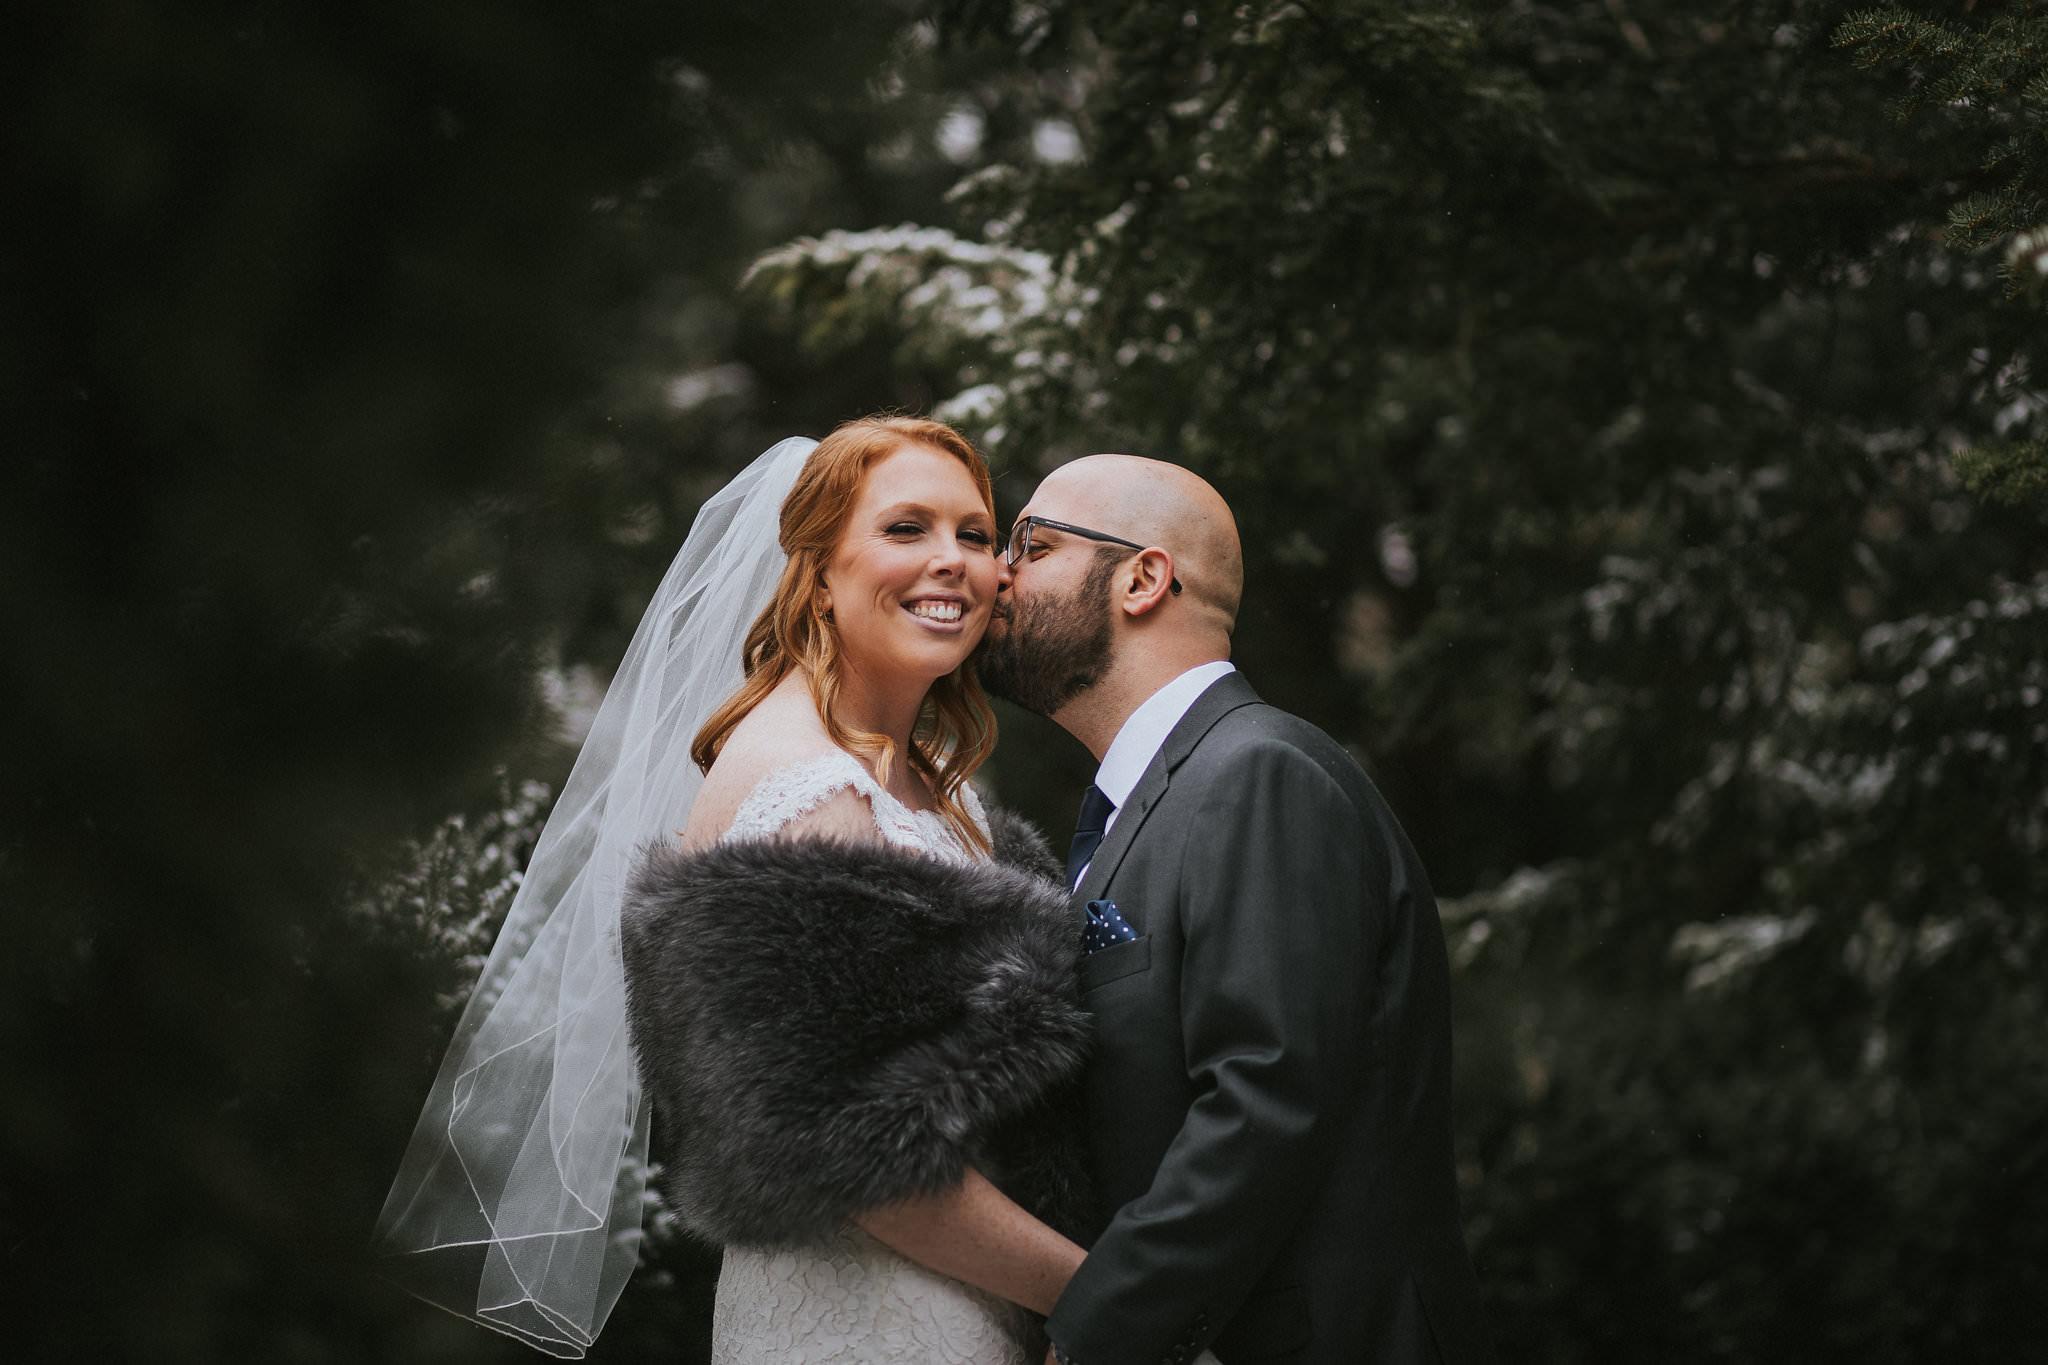 winter wedding ideas toronto